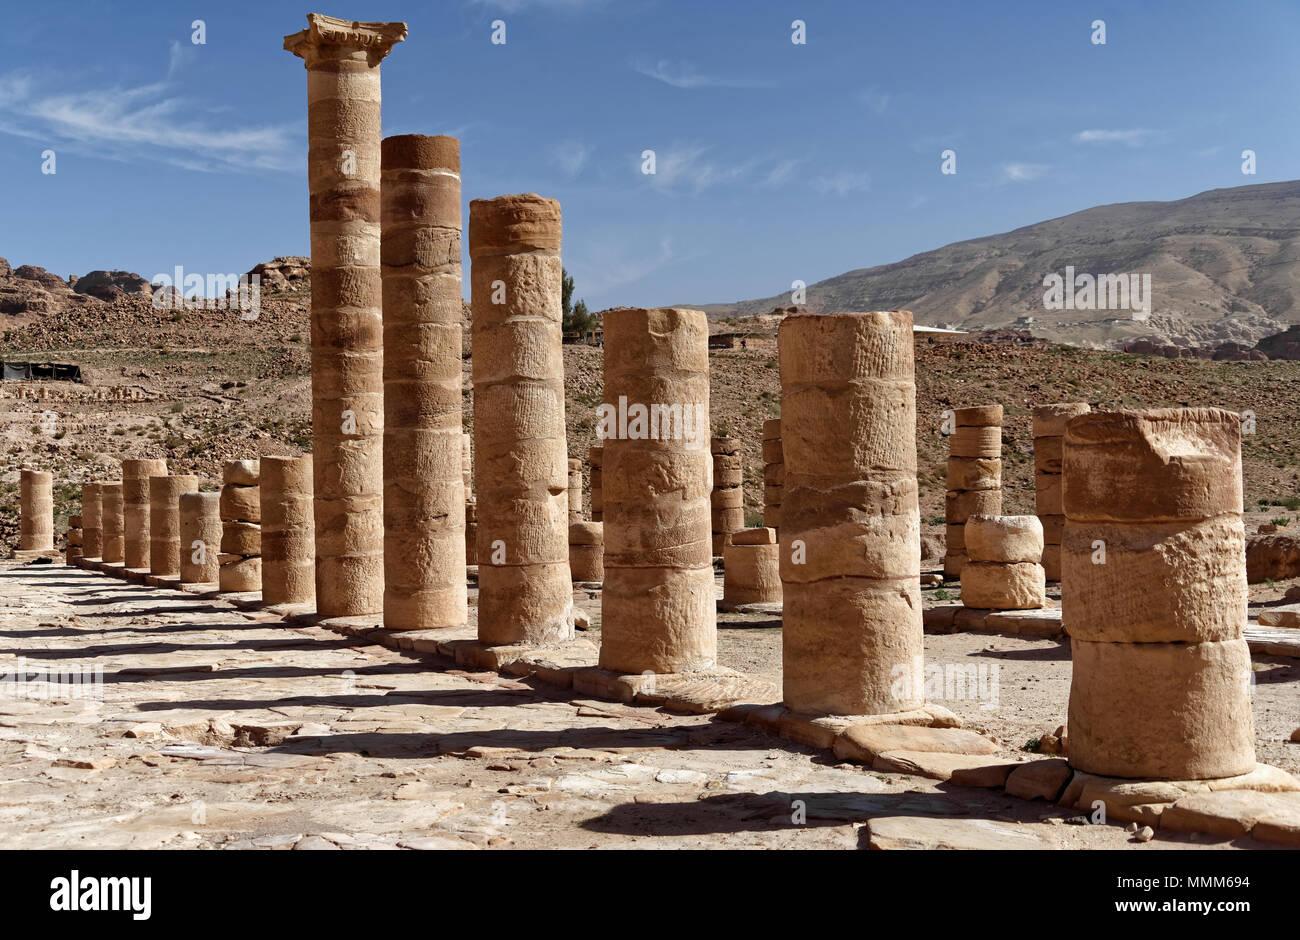 Piliers des romains dans la nécropole de Pétra, en Jordanie, Moyen-Orient Banque D'Images